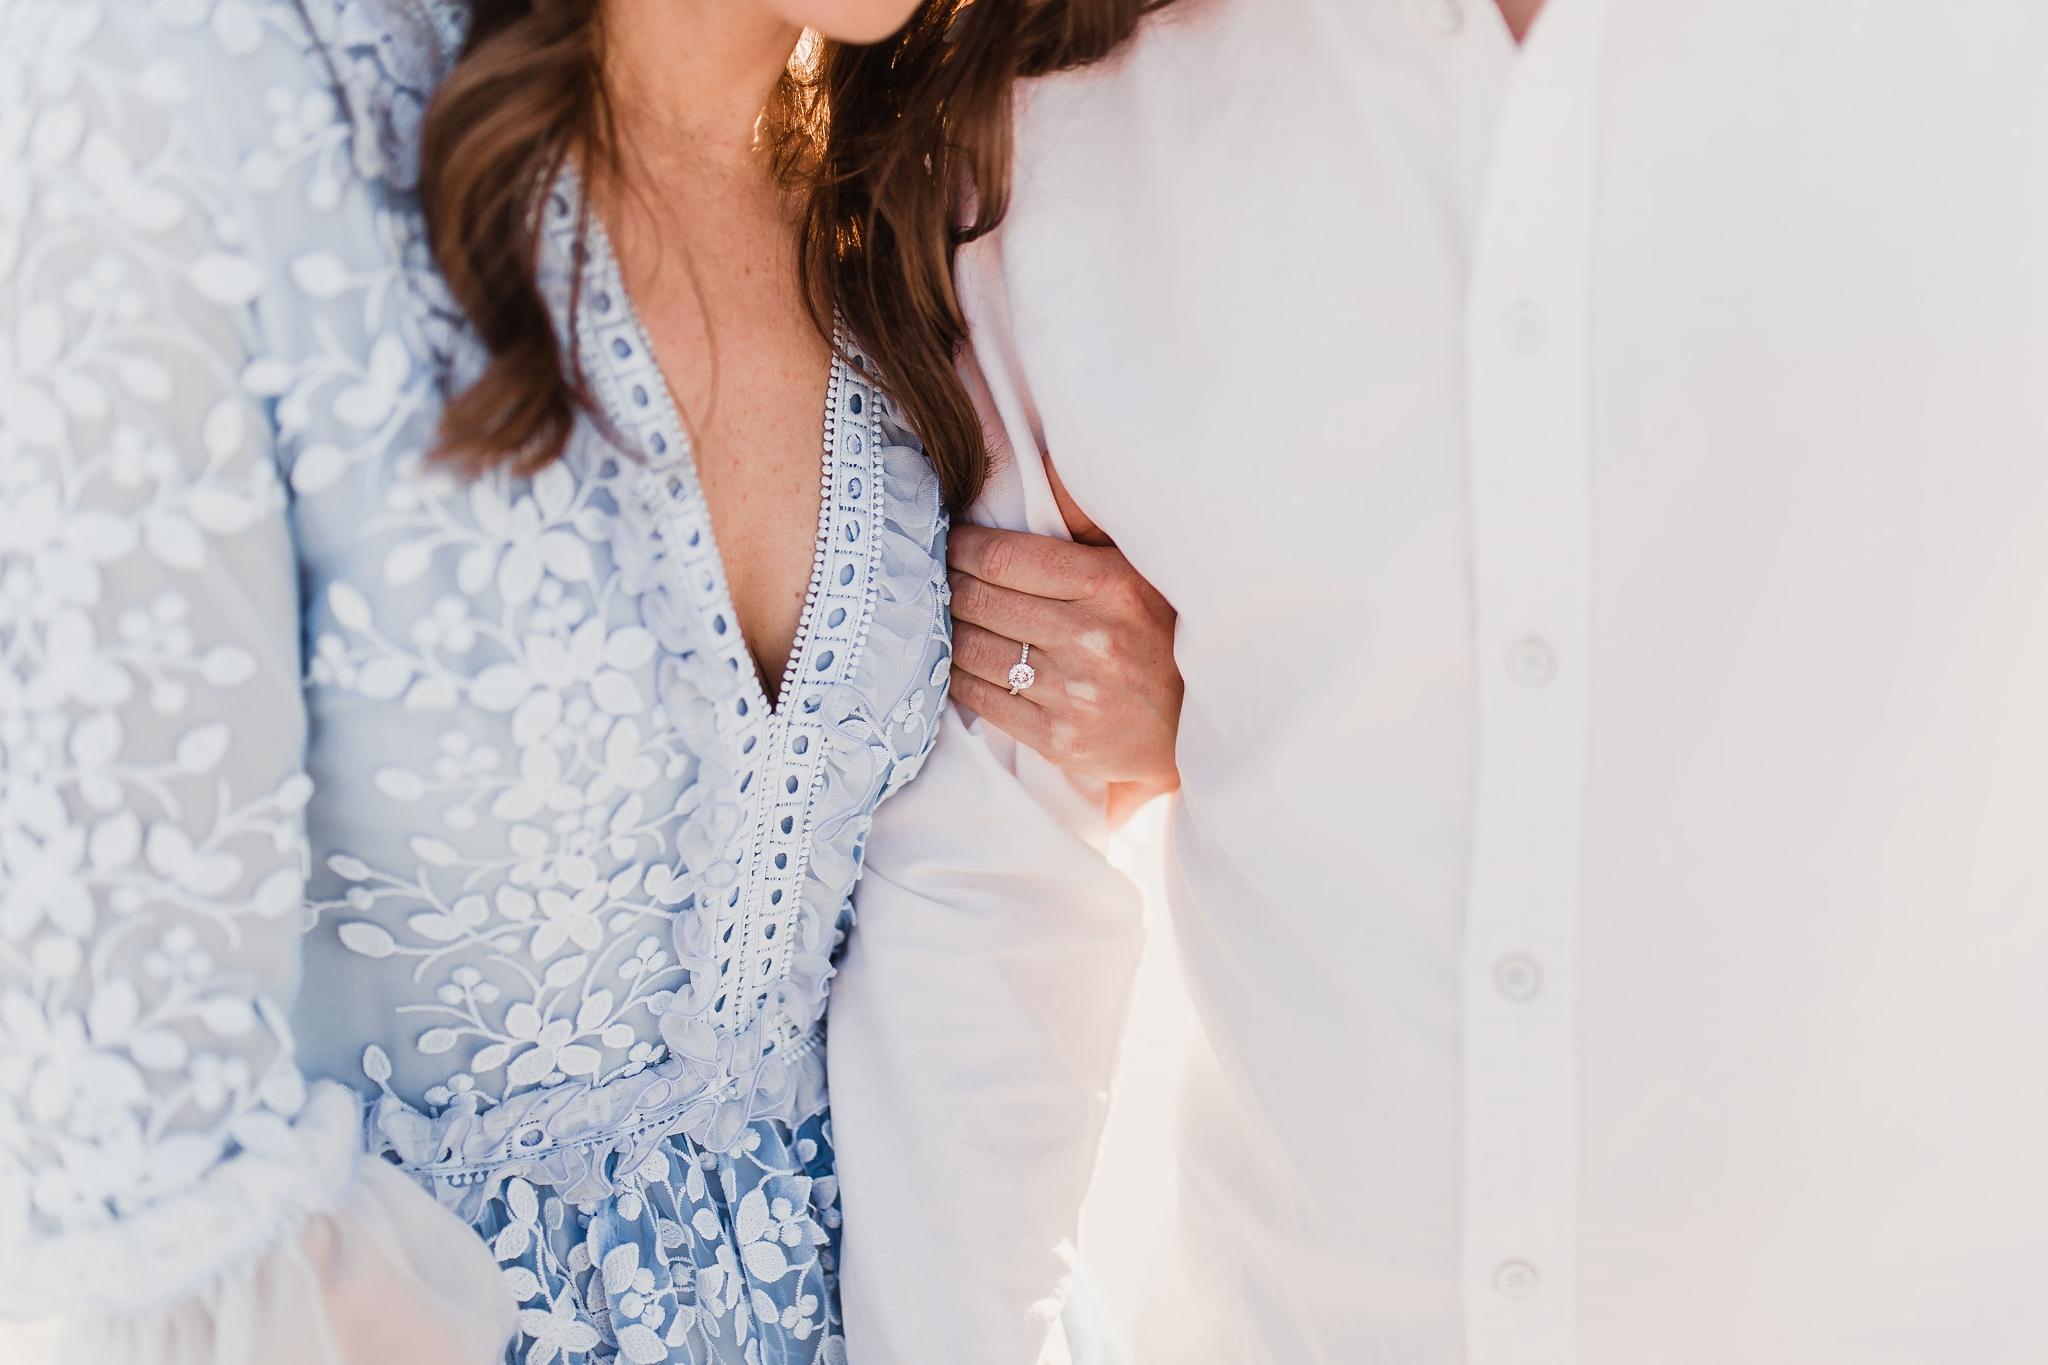 Alicia+lucia+photography+-+albuquerque+wedding+photographer+-+santa+fe+wedding+photography+-+new+mexico+wedding+photographer+-+new+mexico+wedding+-+new+mexico+engagement+-+engagement+style+-+style+lookbook_0002.jpg